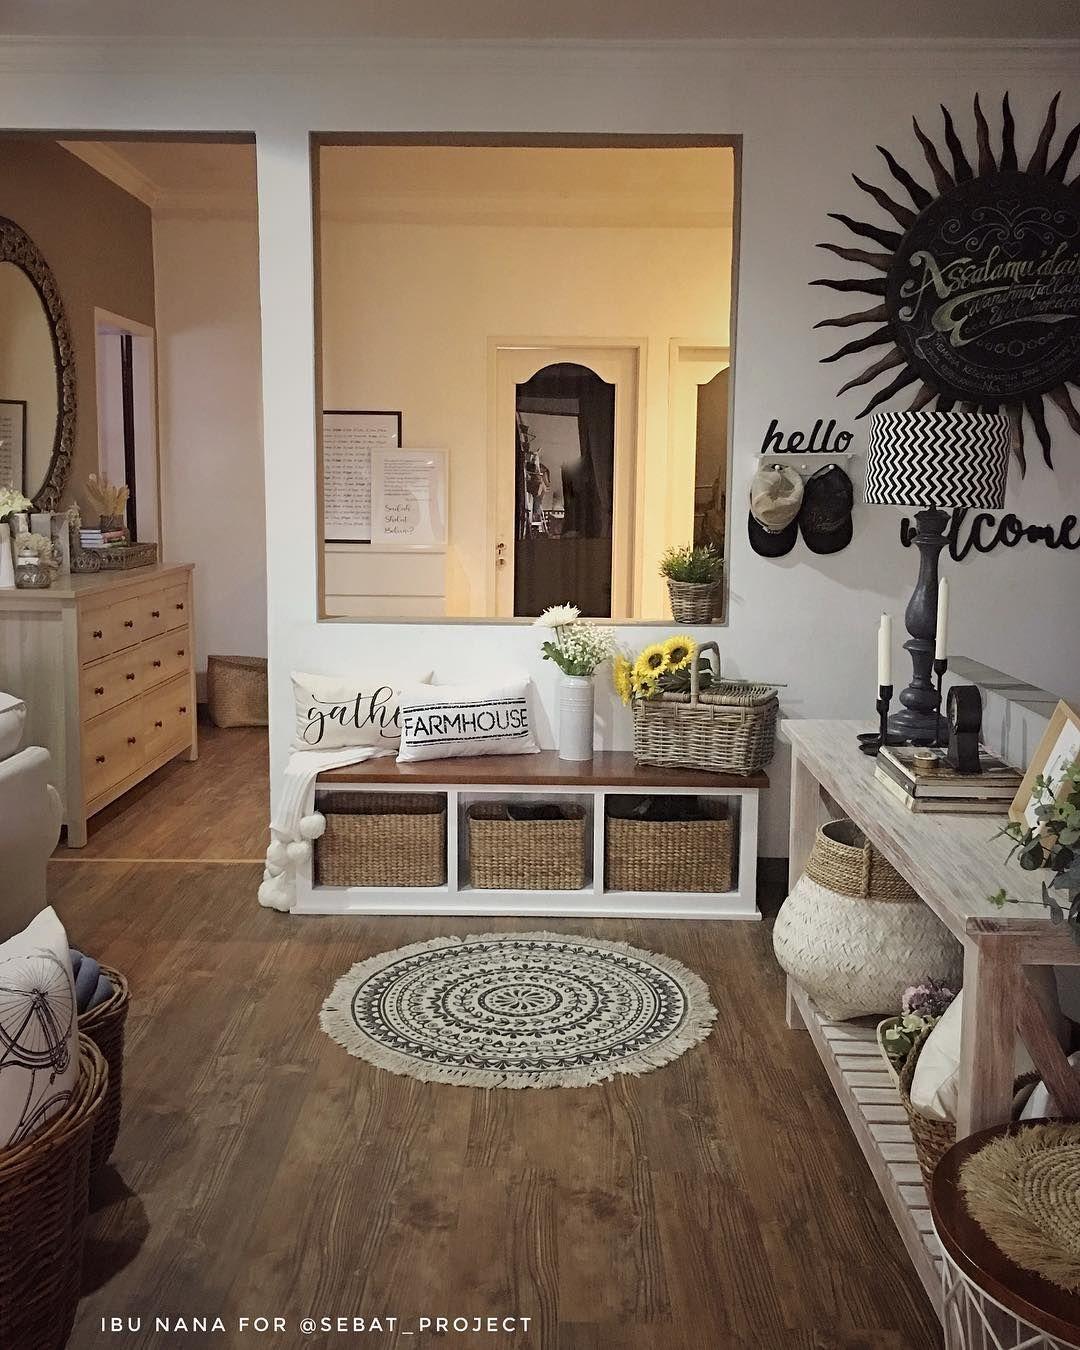 Desain Interior Rumah Terkesan Klasik Tradisional Dengan Meja Console Ala Farmhouse Inspirasi Desain Rum Desain Interior Desain Interior Rumah Interior Rumah